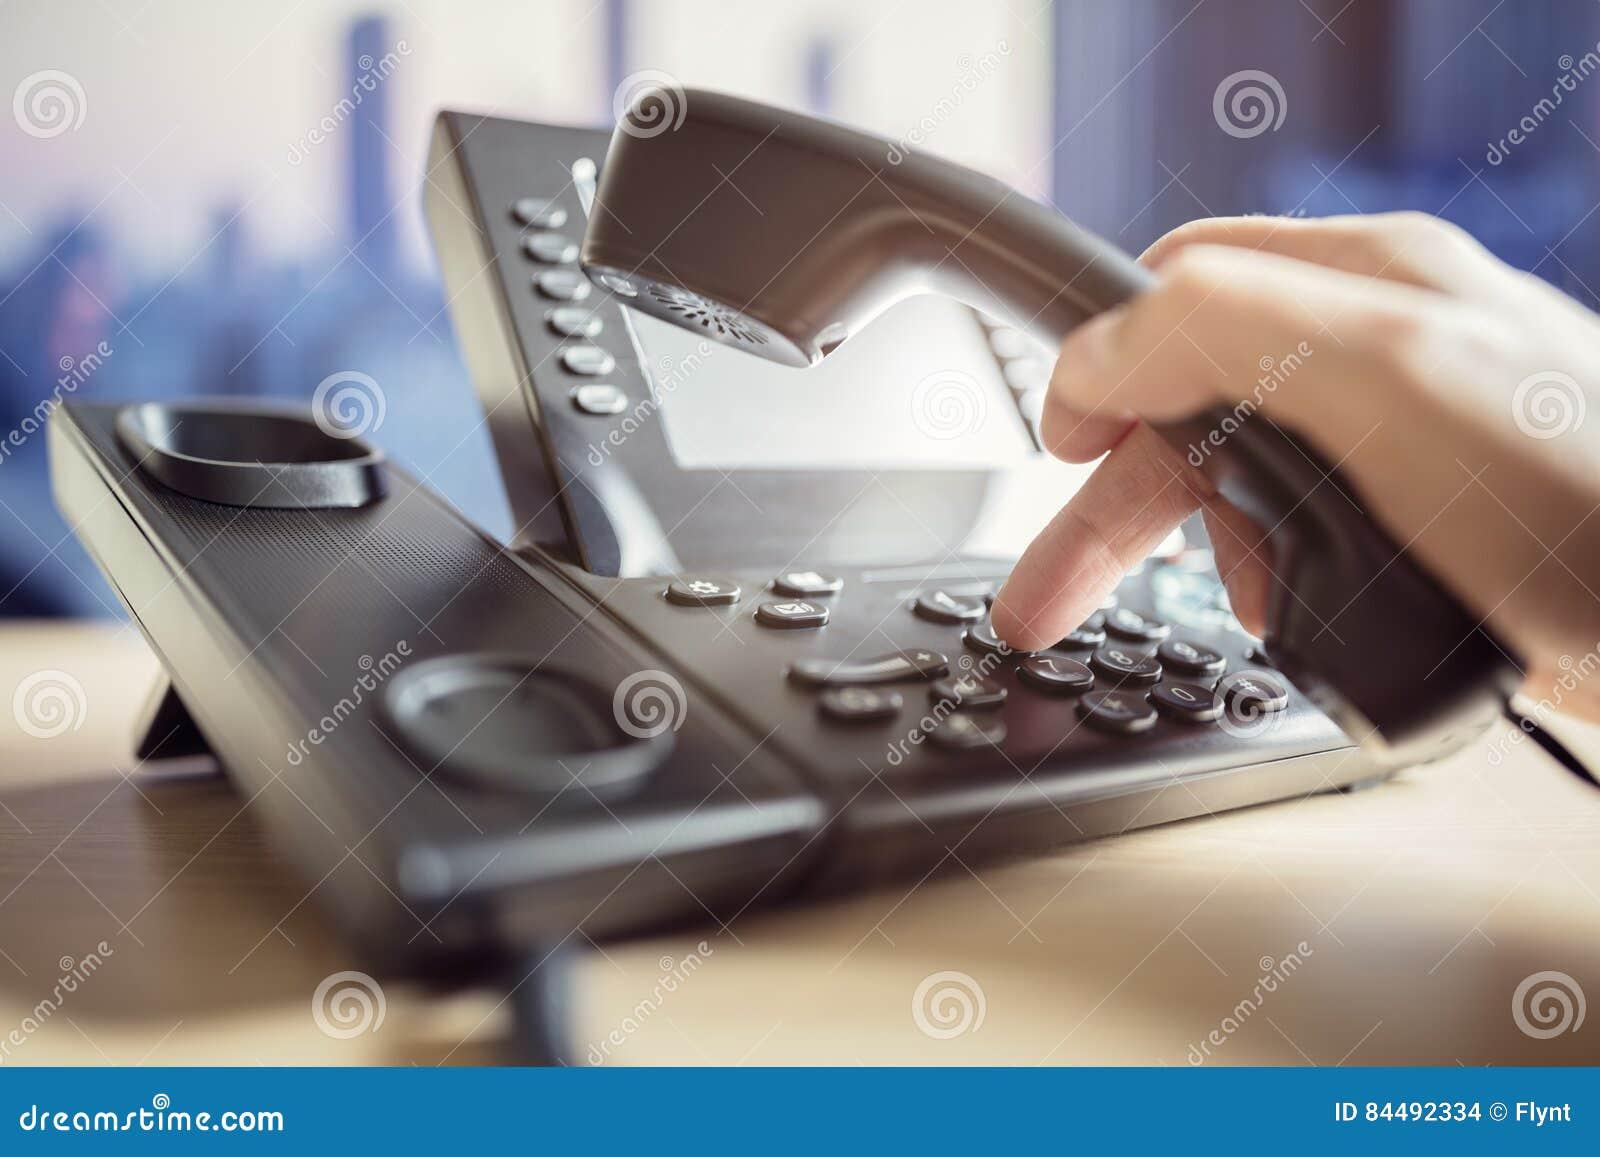 Teclado discado do telefone